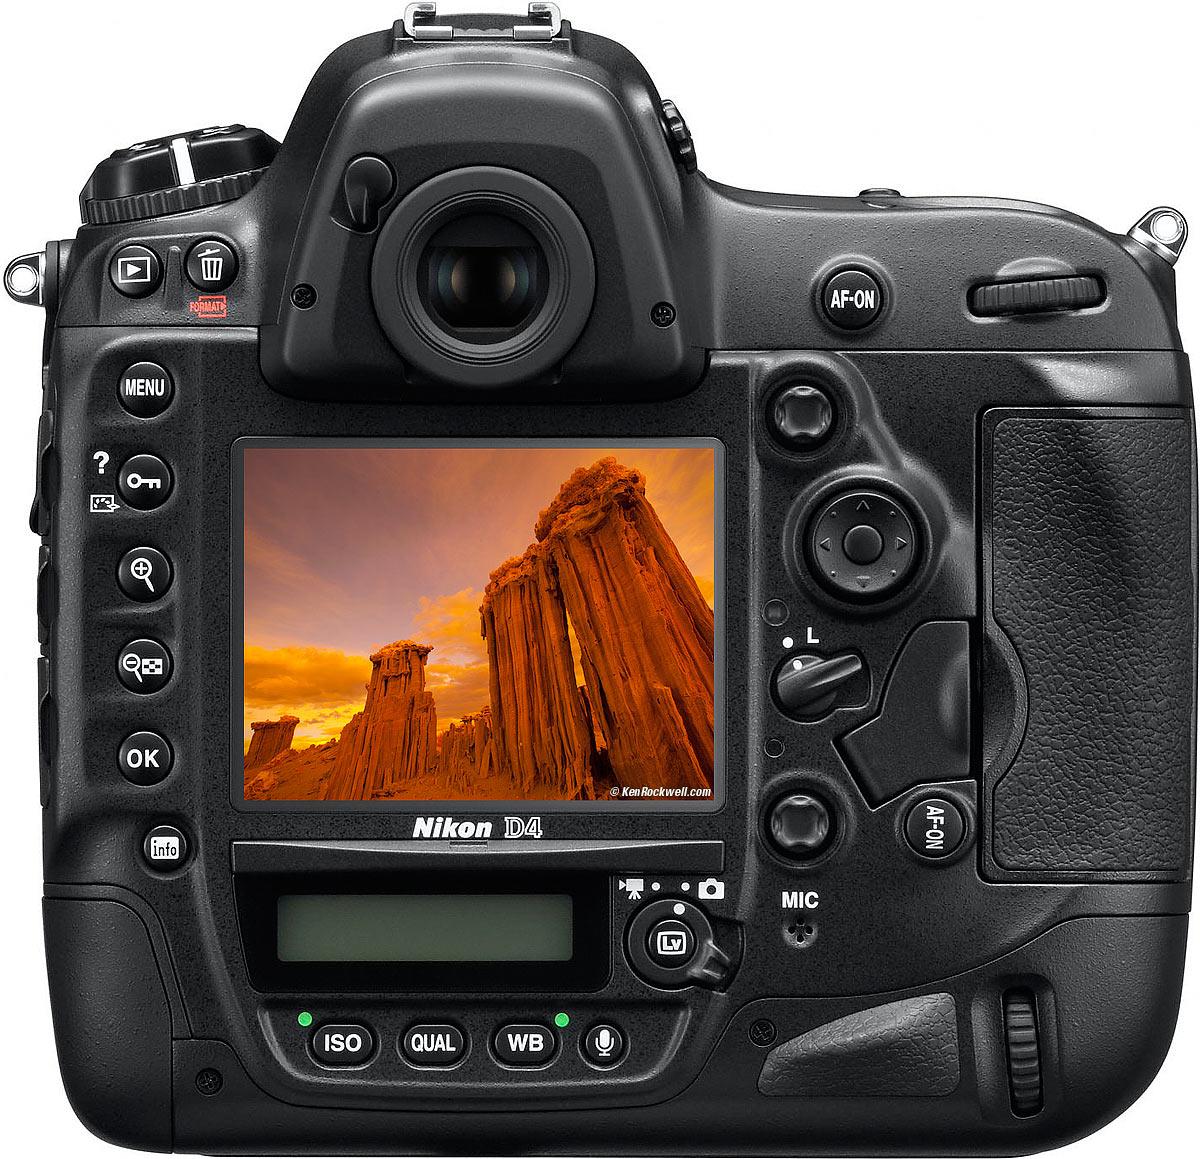 Nikon D4 Full Frame Digital SLR Camera Body Only, UK, WC1